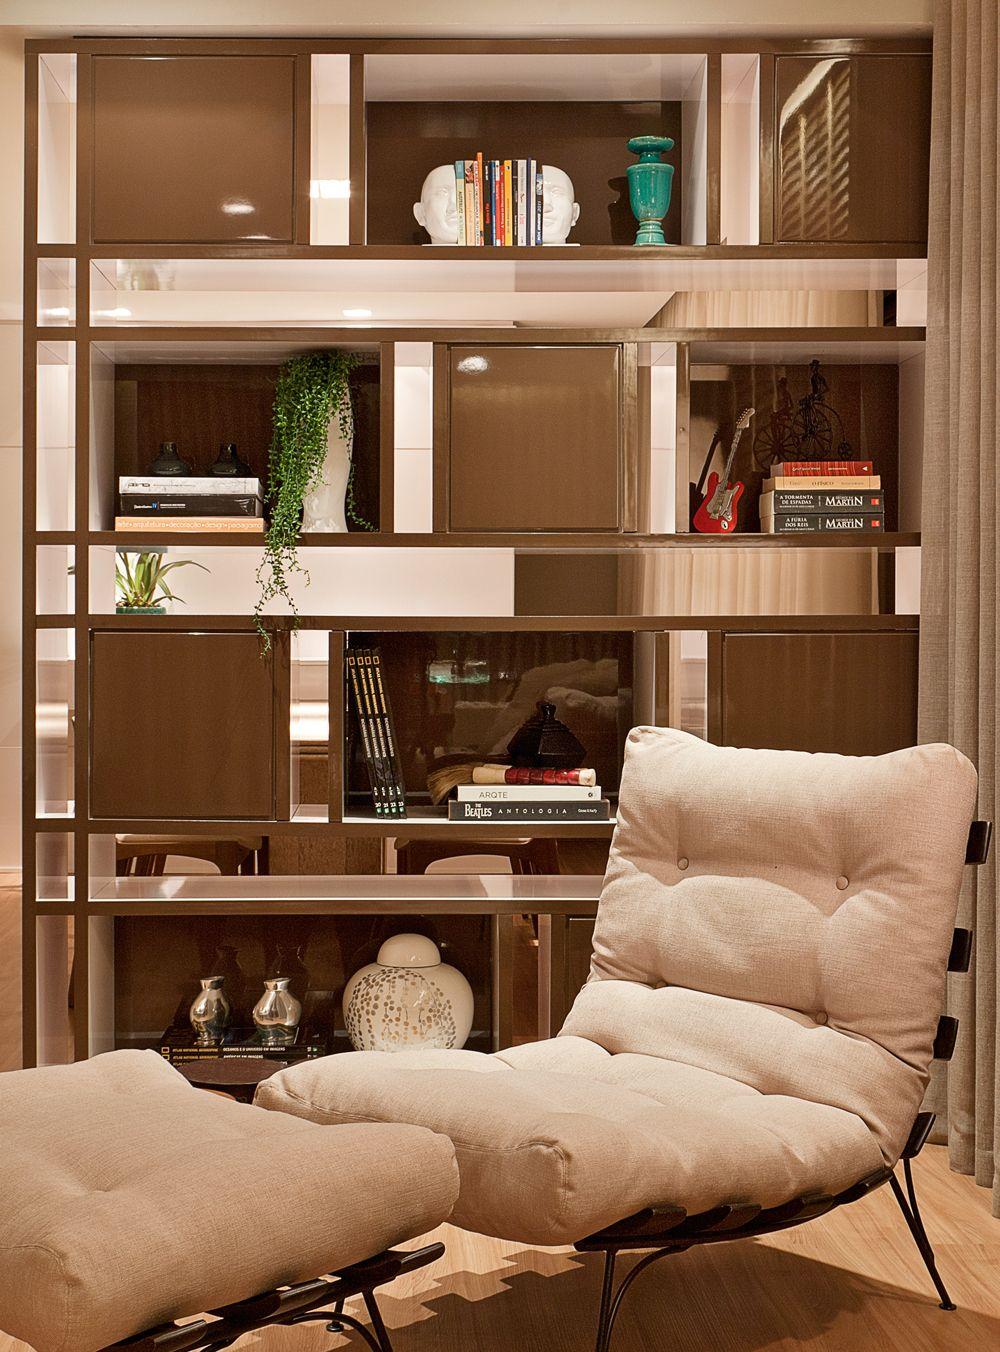 CASA DE VALENTINA | RENOVANDO O APÊ ANTIGO #decor #sala #livingroom #estar #decor #clean #poltrona #estante